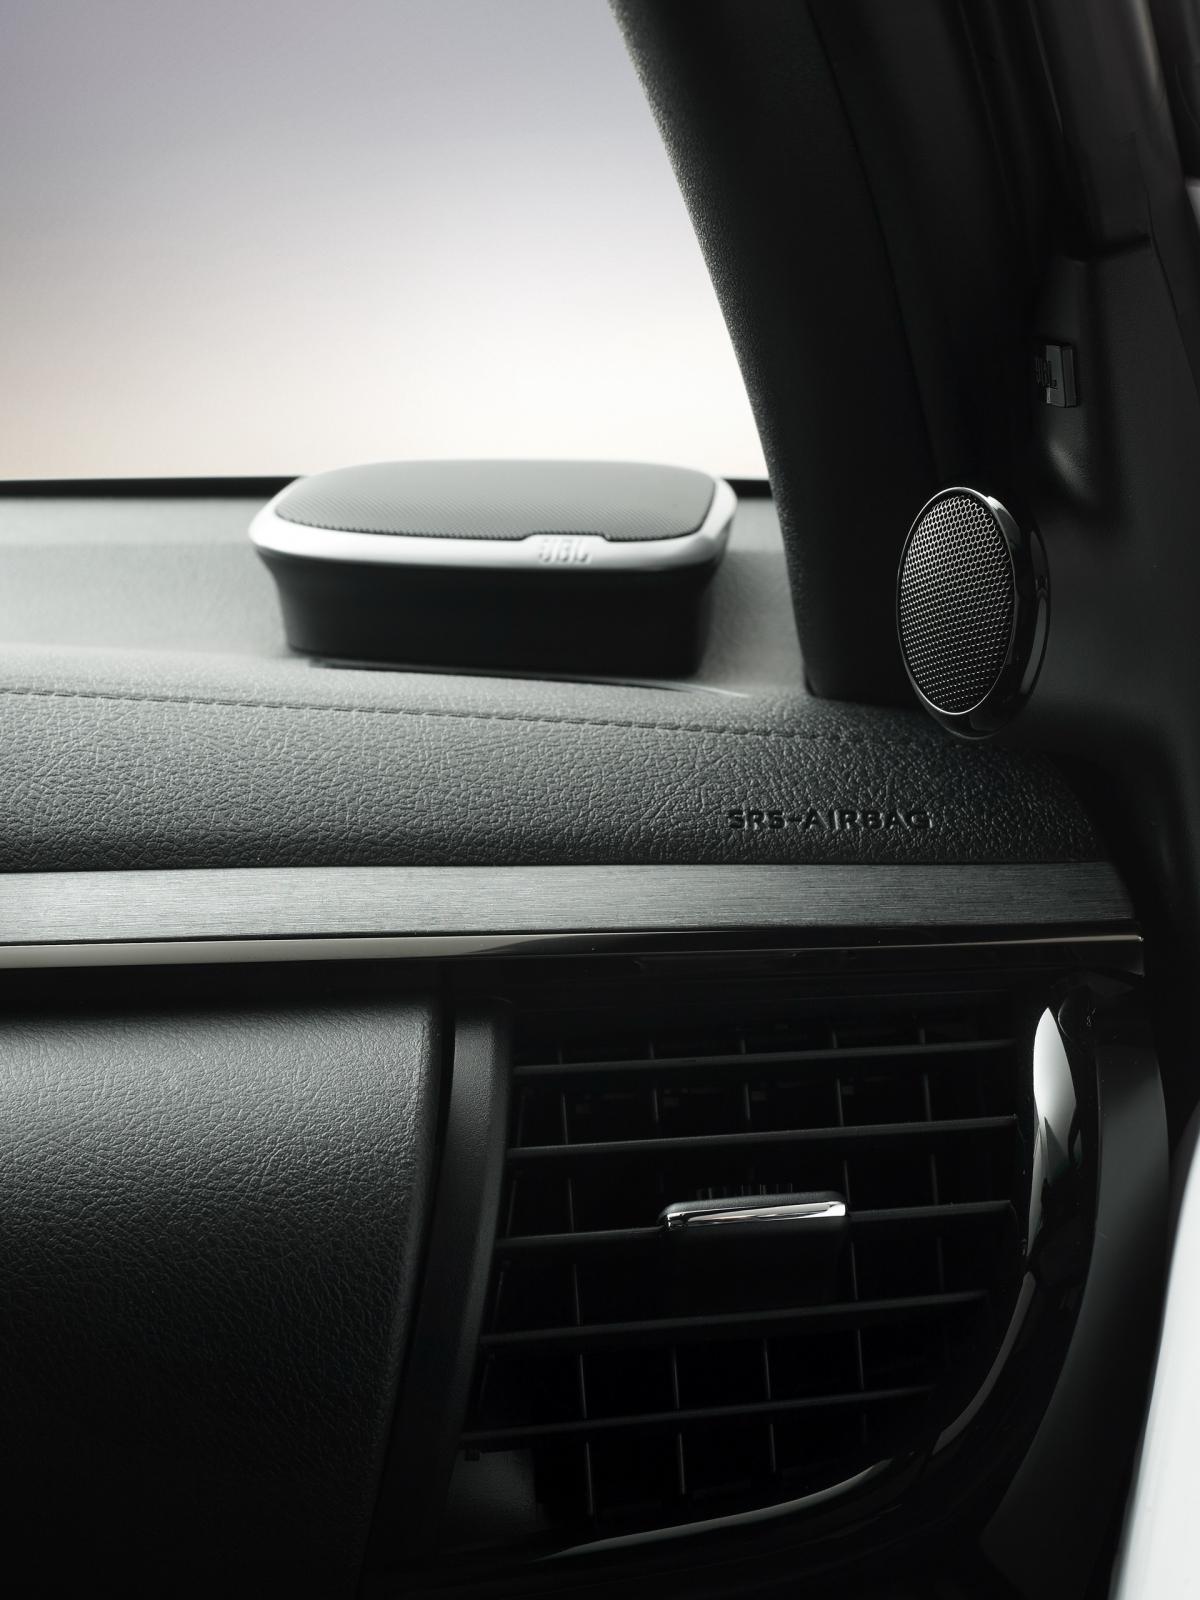 Những mẫu xe được trang bị hệ thống dẫn động bốn bánh cũng có chức năng điện tử mới mô phỏng bộ vi sai chống trượt giới hạn cơ học ở chế độ 2WD để cải thiện độ bám. Những thay đổi bao gồm tốc độ động cơ thấp hơn khi không tải và phản ứng chân ga được trả lại để kiểm soát tốt hơn và hệ thống VSC được nâng cấp. Toàn bộ những mẫu Hilux Double-Cab có khoảng sáng gầm 310 mm, góc tiếp cận và khởi hành lần lượt là 29 và 26, cùng khả năng lội nước ở độ sâu 700 mm./.